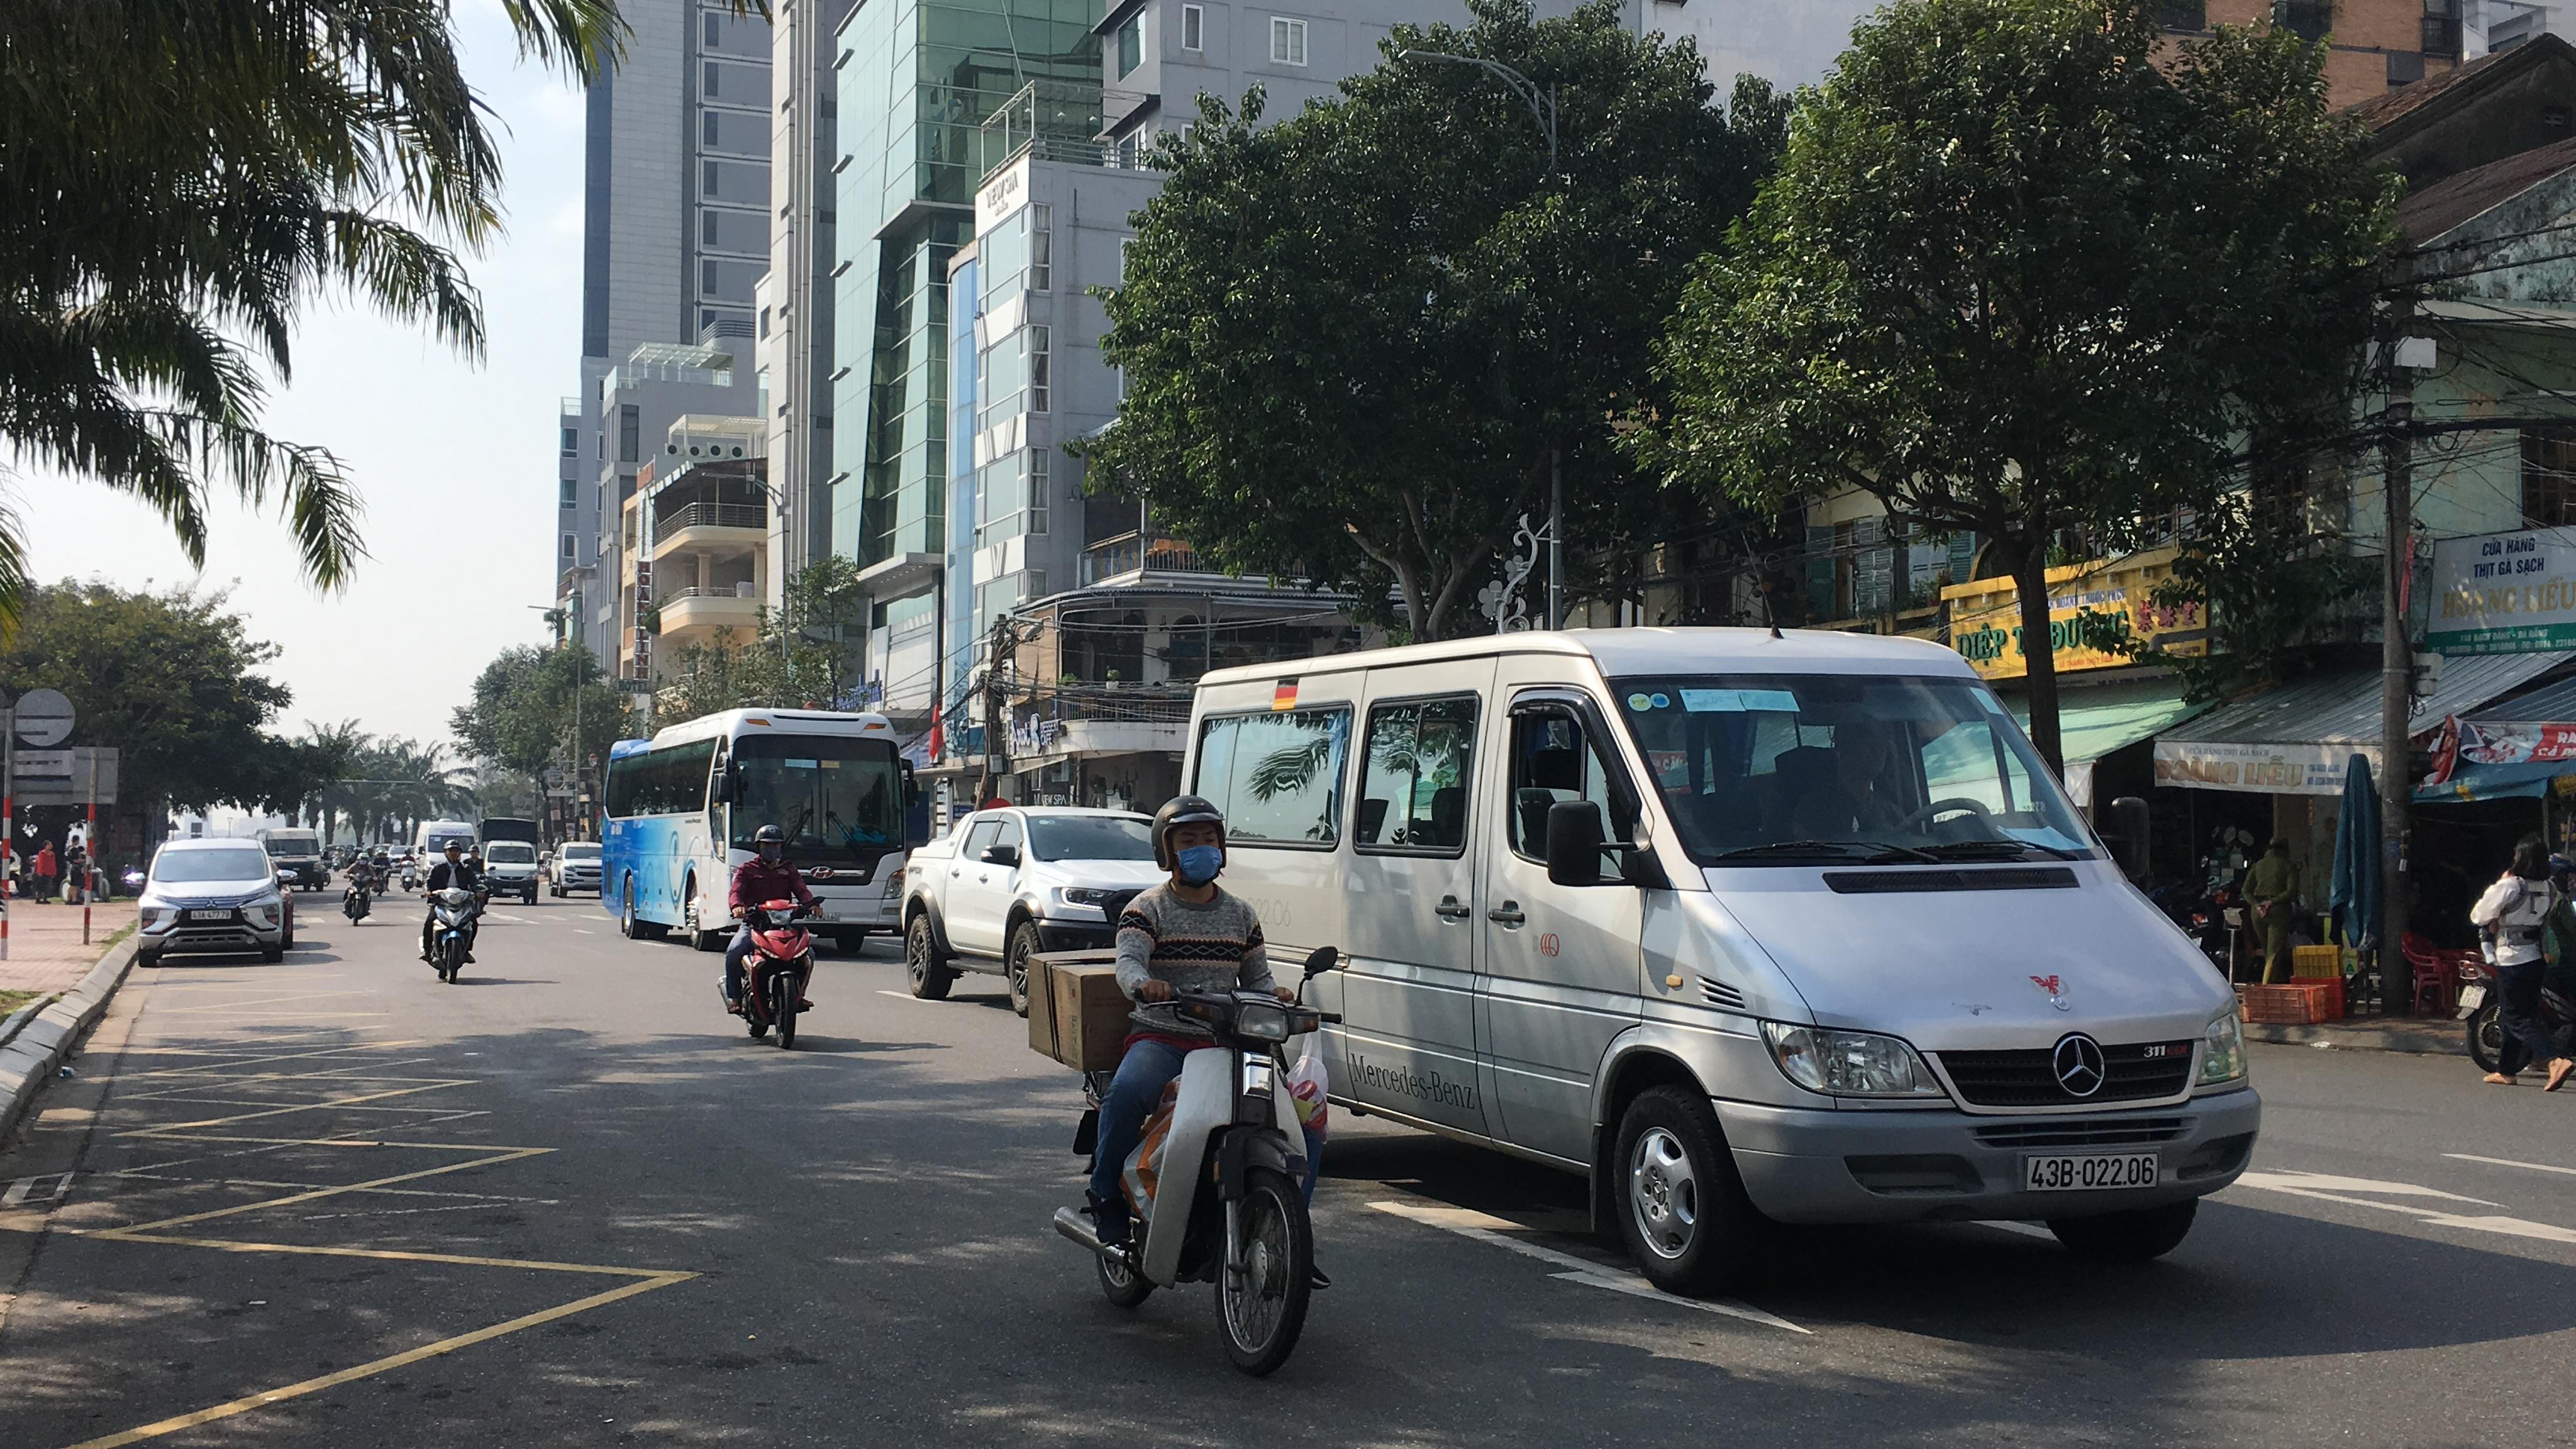 Đà Nẵng và Quảng Nam cho xe khách liên tỉnh hoạt động lại từ hôm nay 24/4 - Ảnh 1.